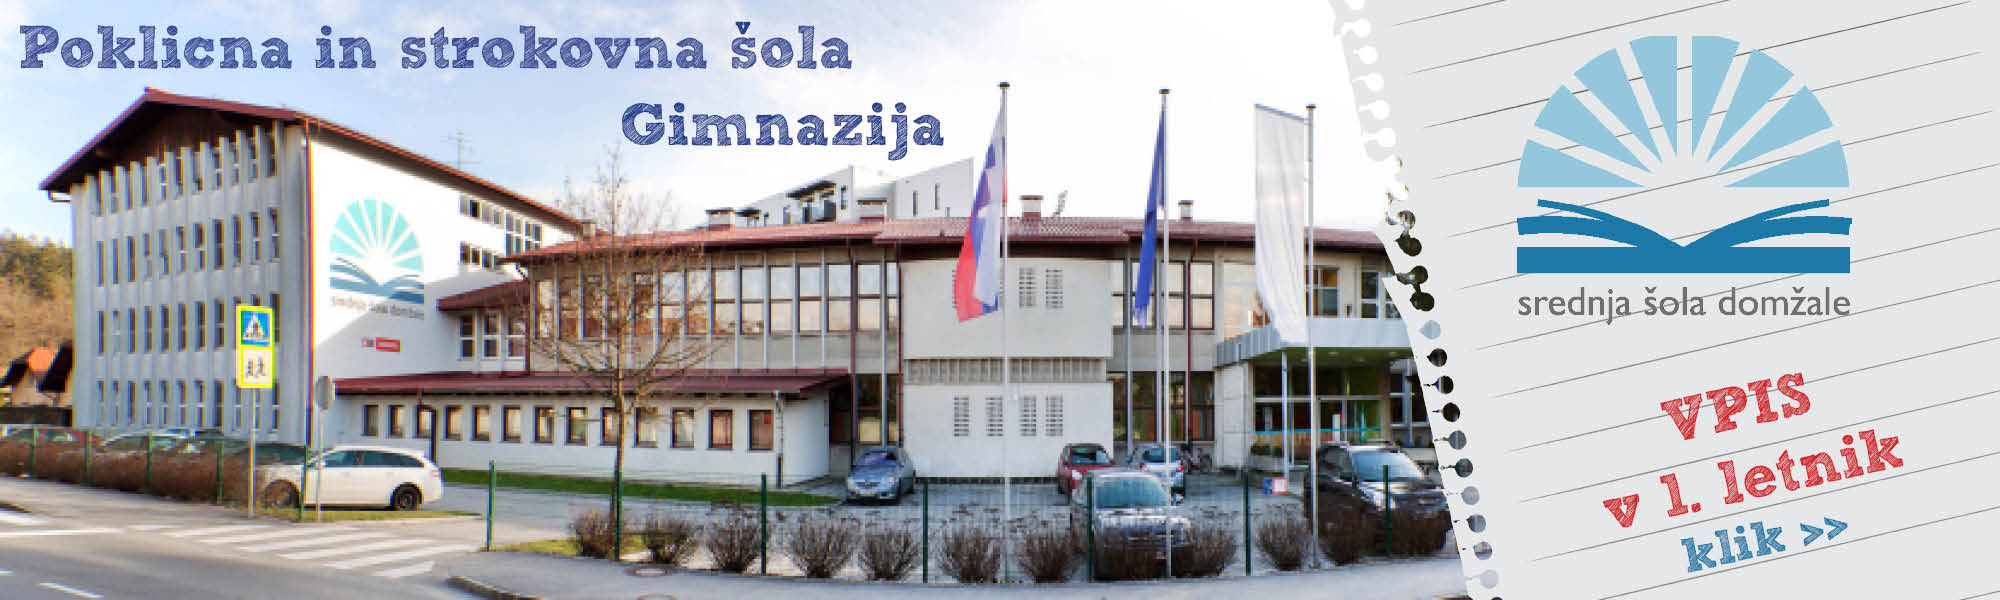 Srednja šola Domžale - šola, ki mi je blizu